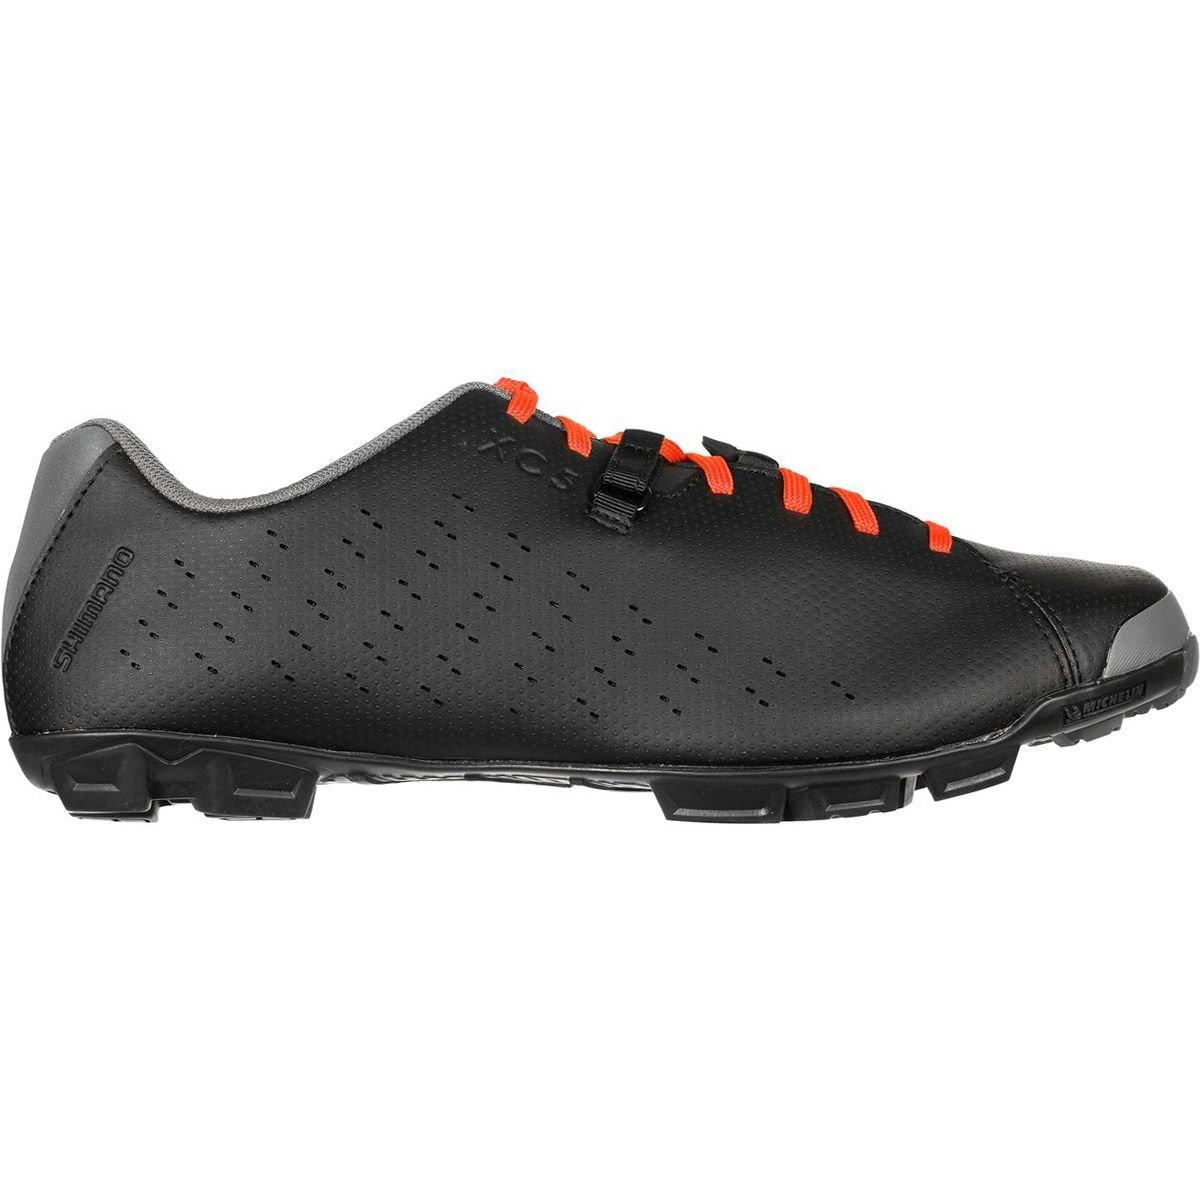 SHIMANO SH-XC5 Mountain Bike Shoe - Men's Black; 42